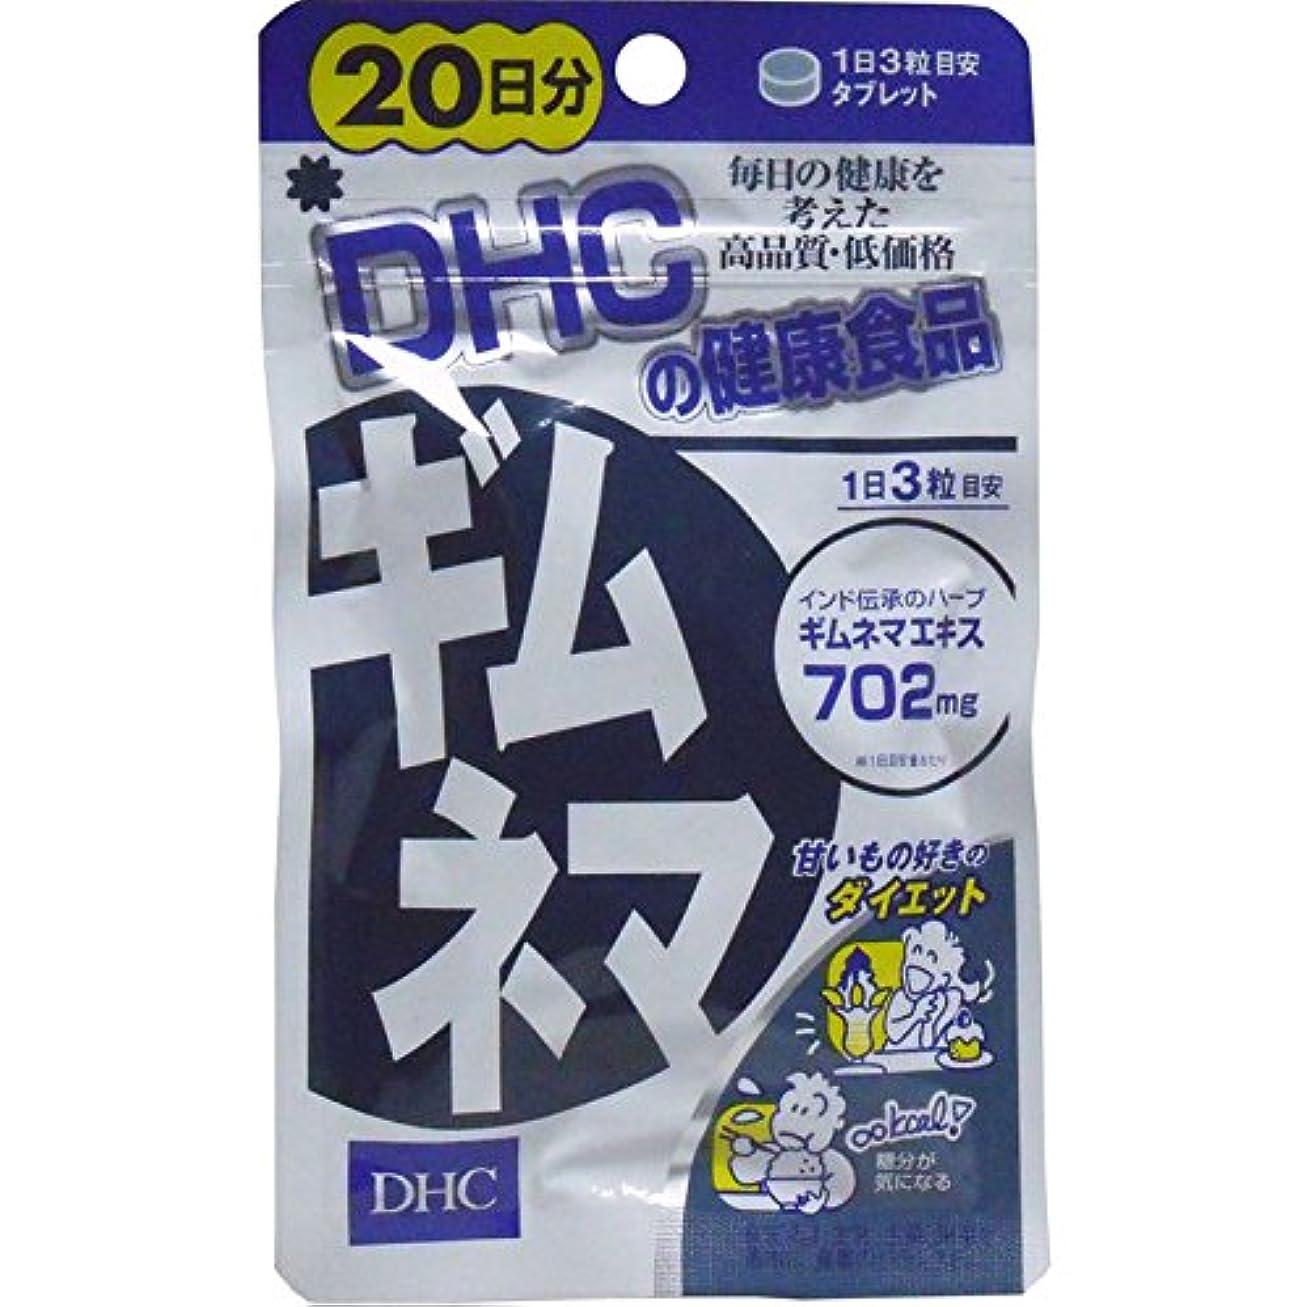 パネル気難しいピストル余分な糖分をブロック DHC ギムネマ 20日分 60粒